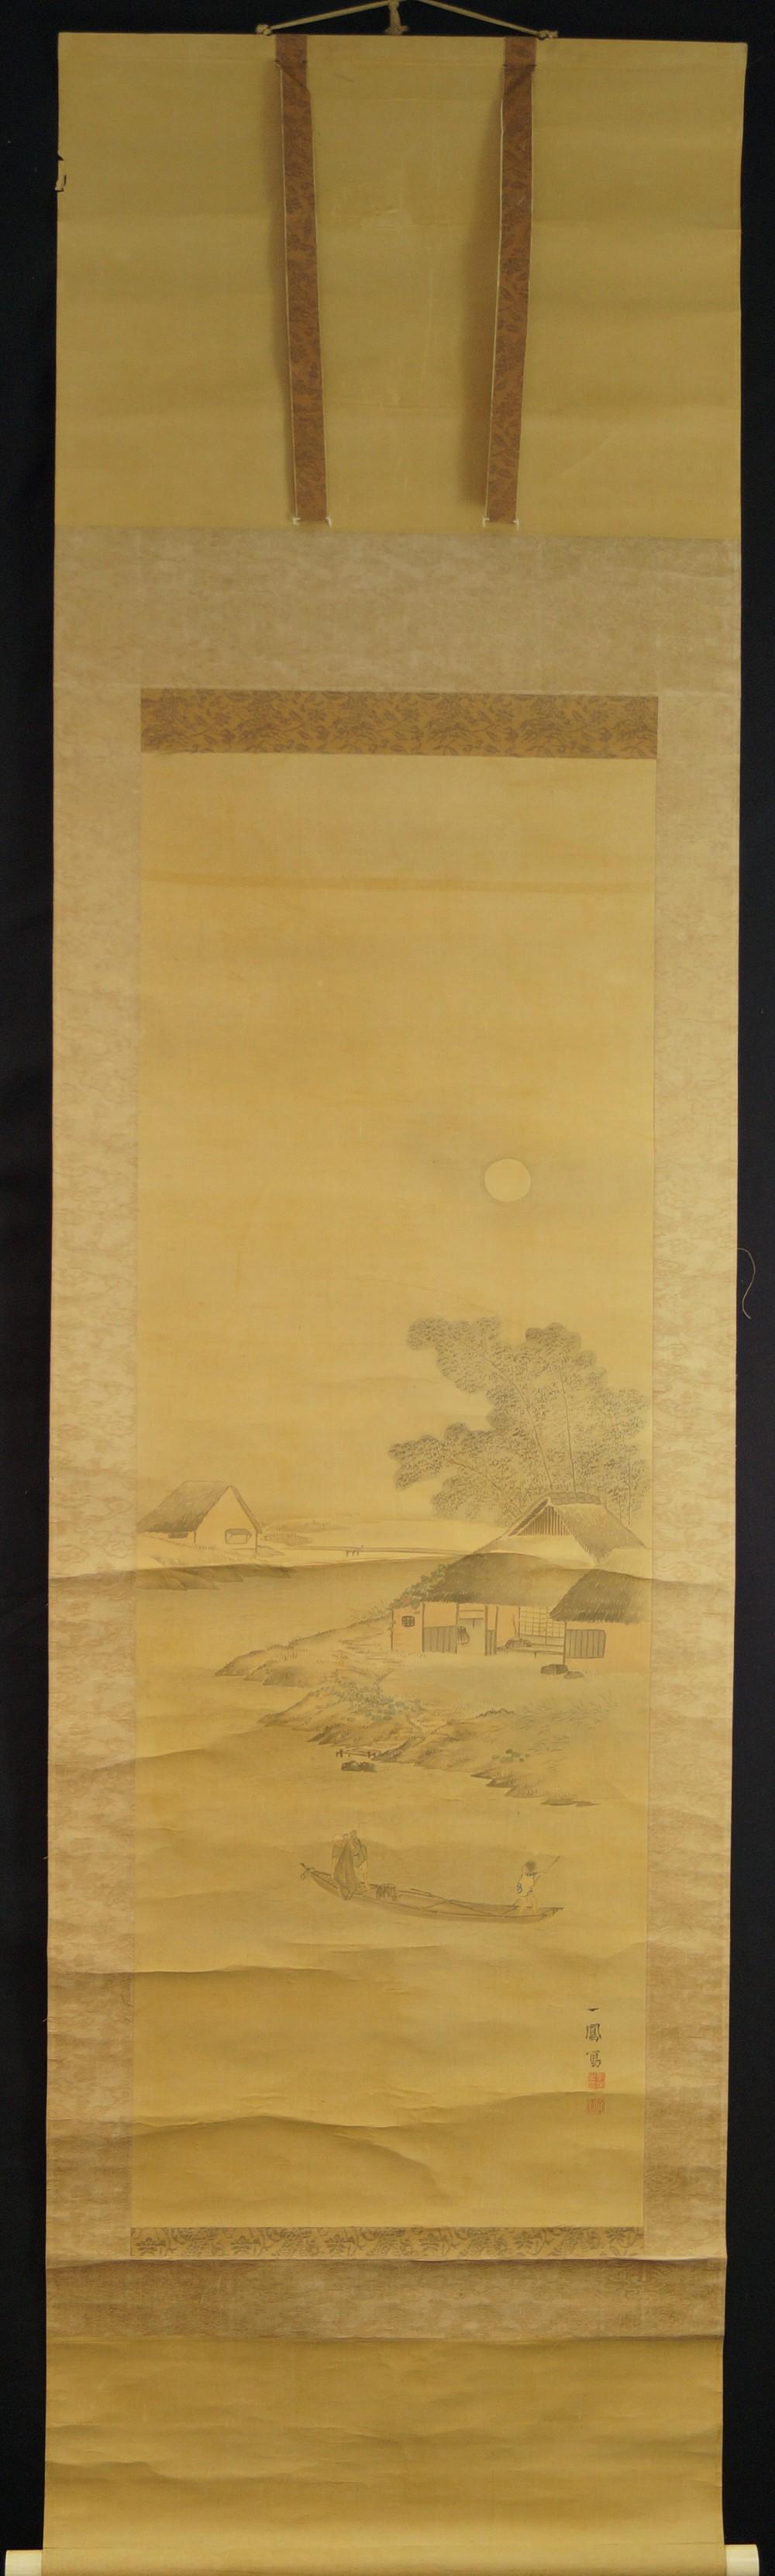 Fischerhütten im Mondschein - Japanisches Rollbild (Kakejiku, Kakemono)